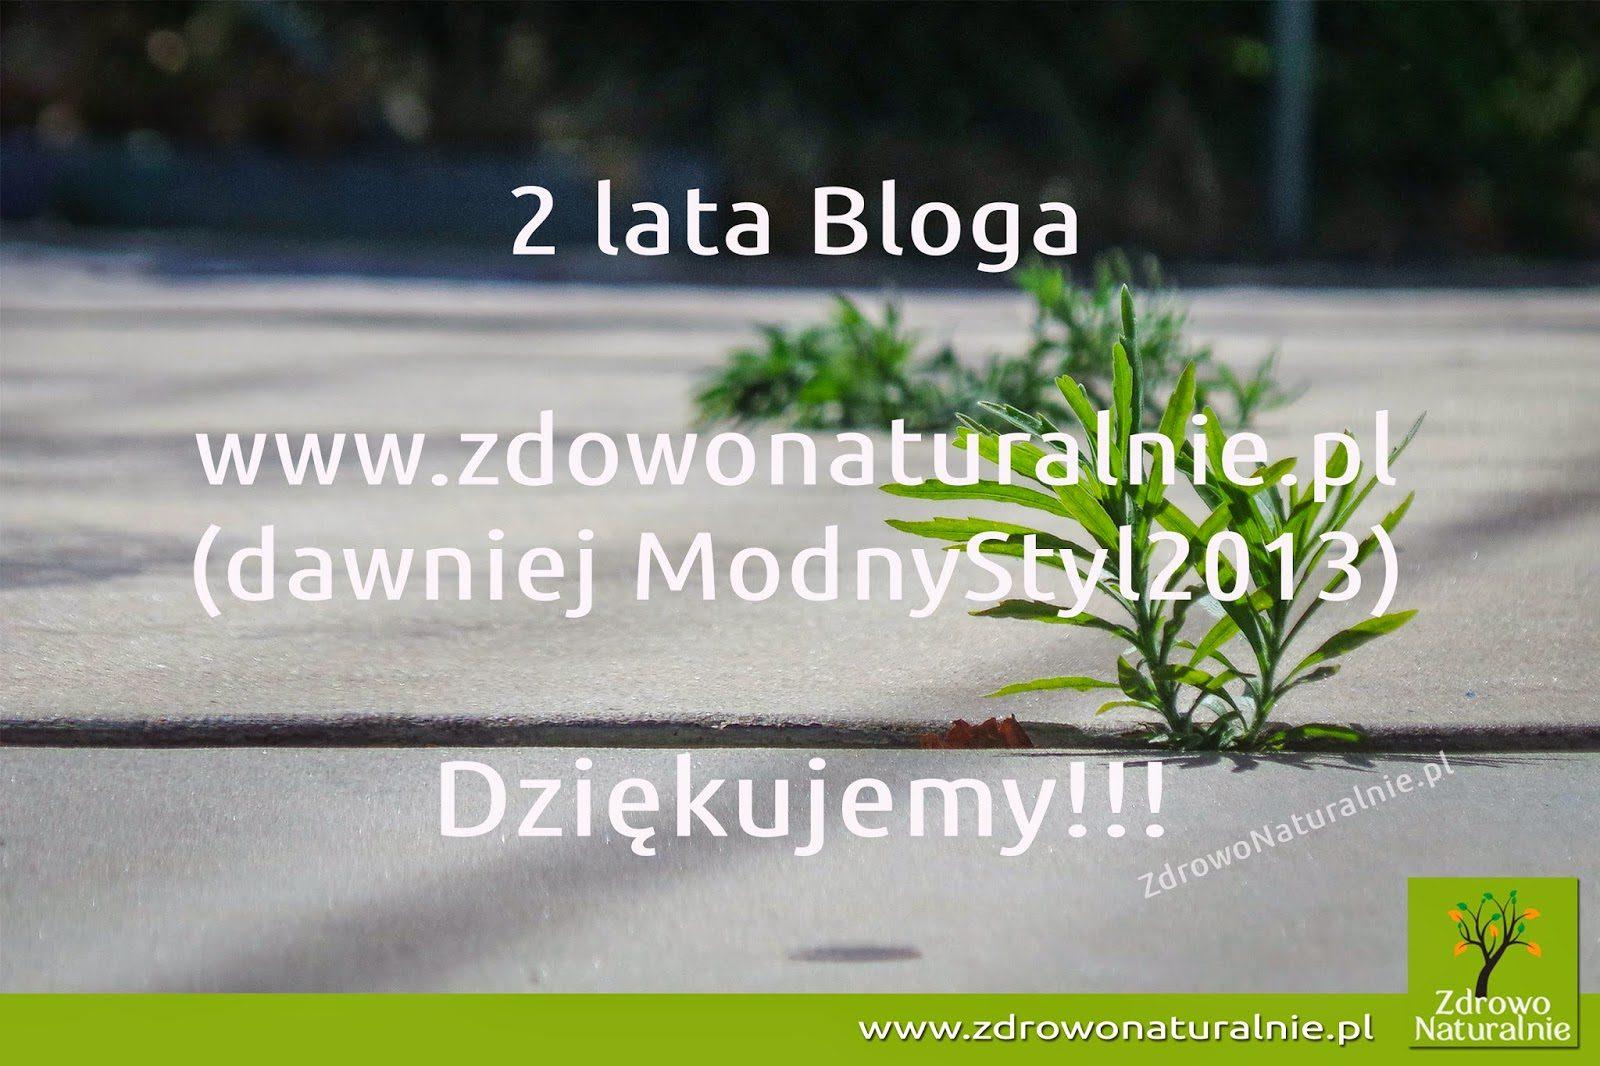 22blata-4817849